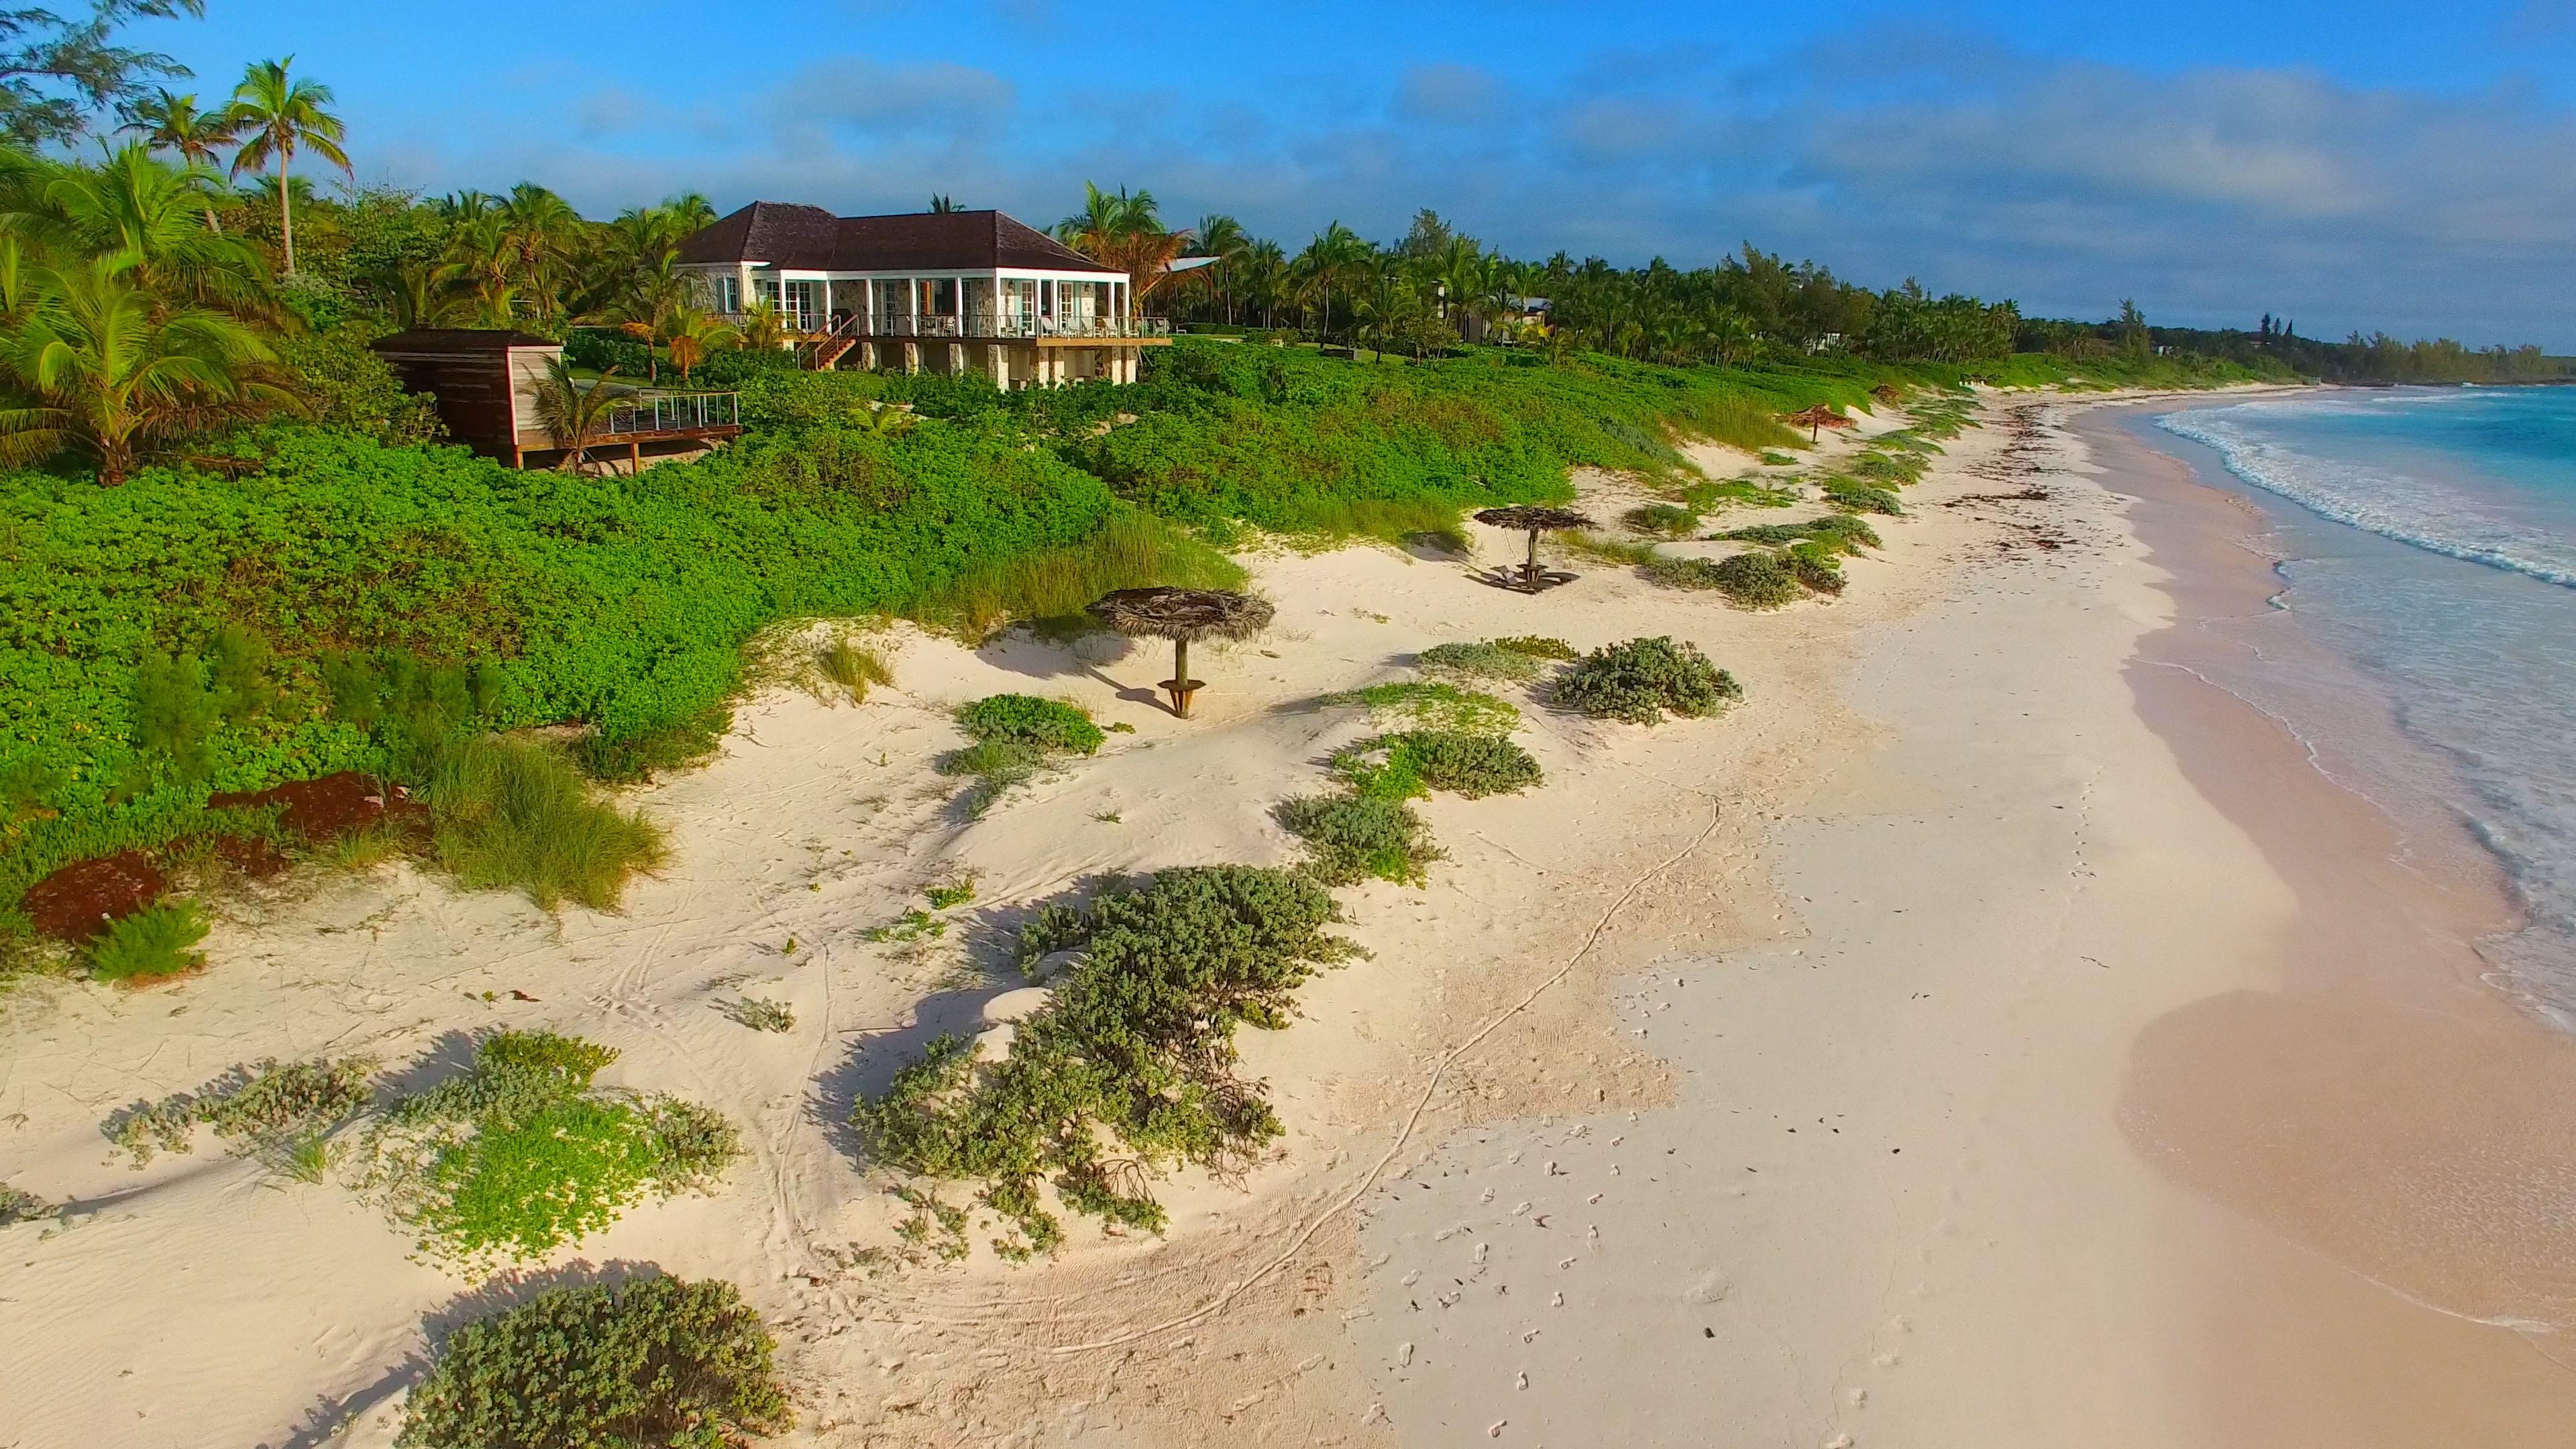 Coconut Beach Bahamas vacation rental holiday home